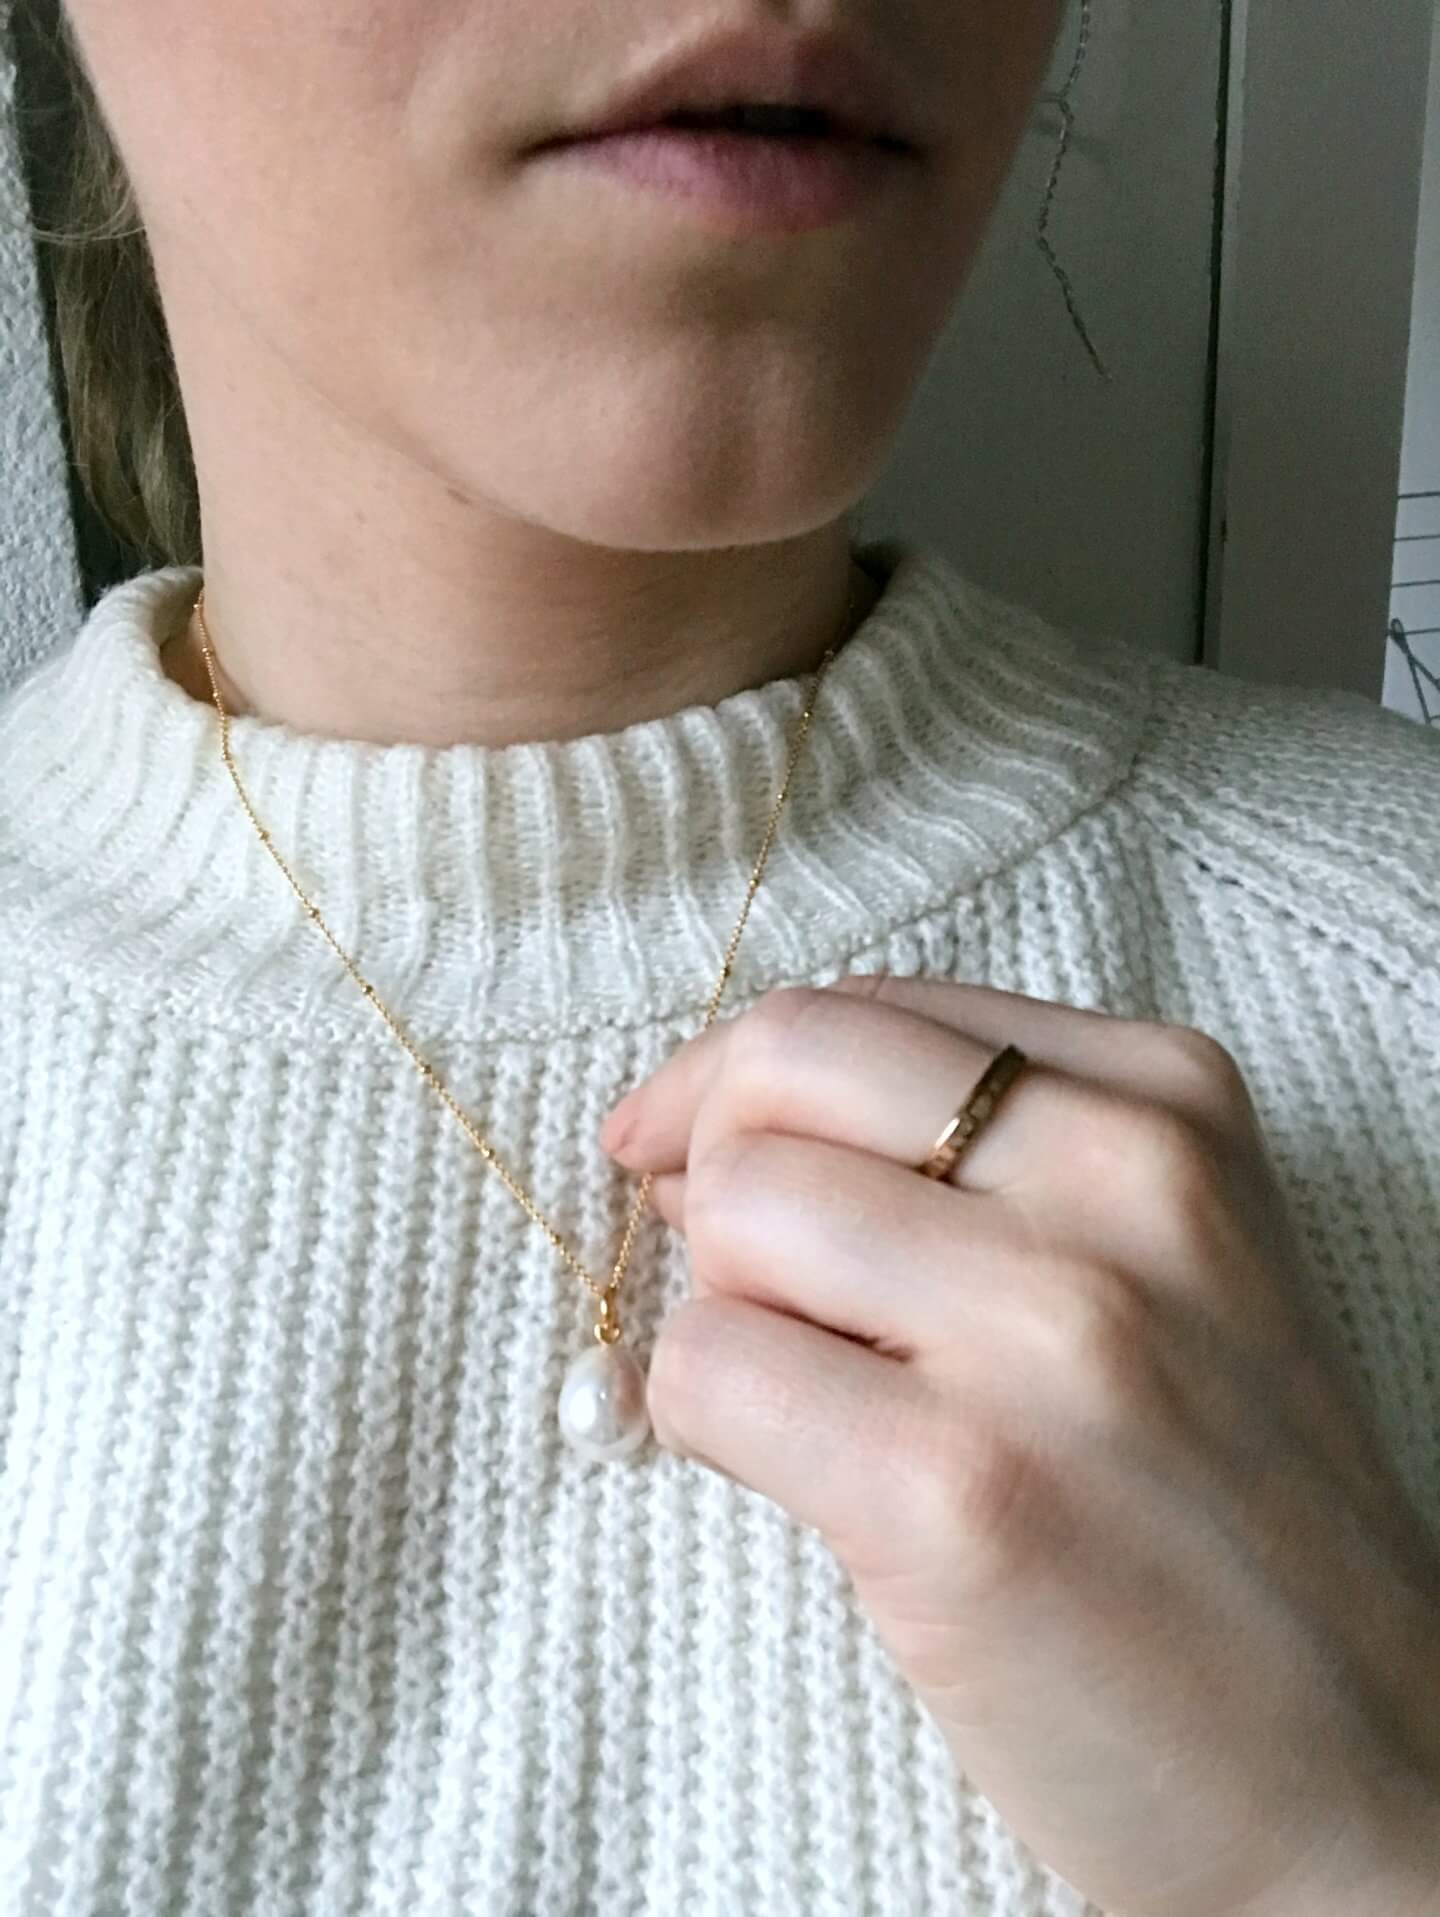 monica vinader necklace - actually anna